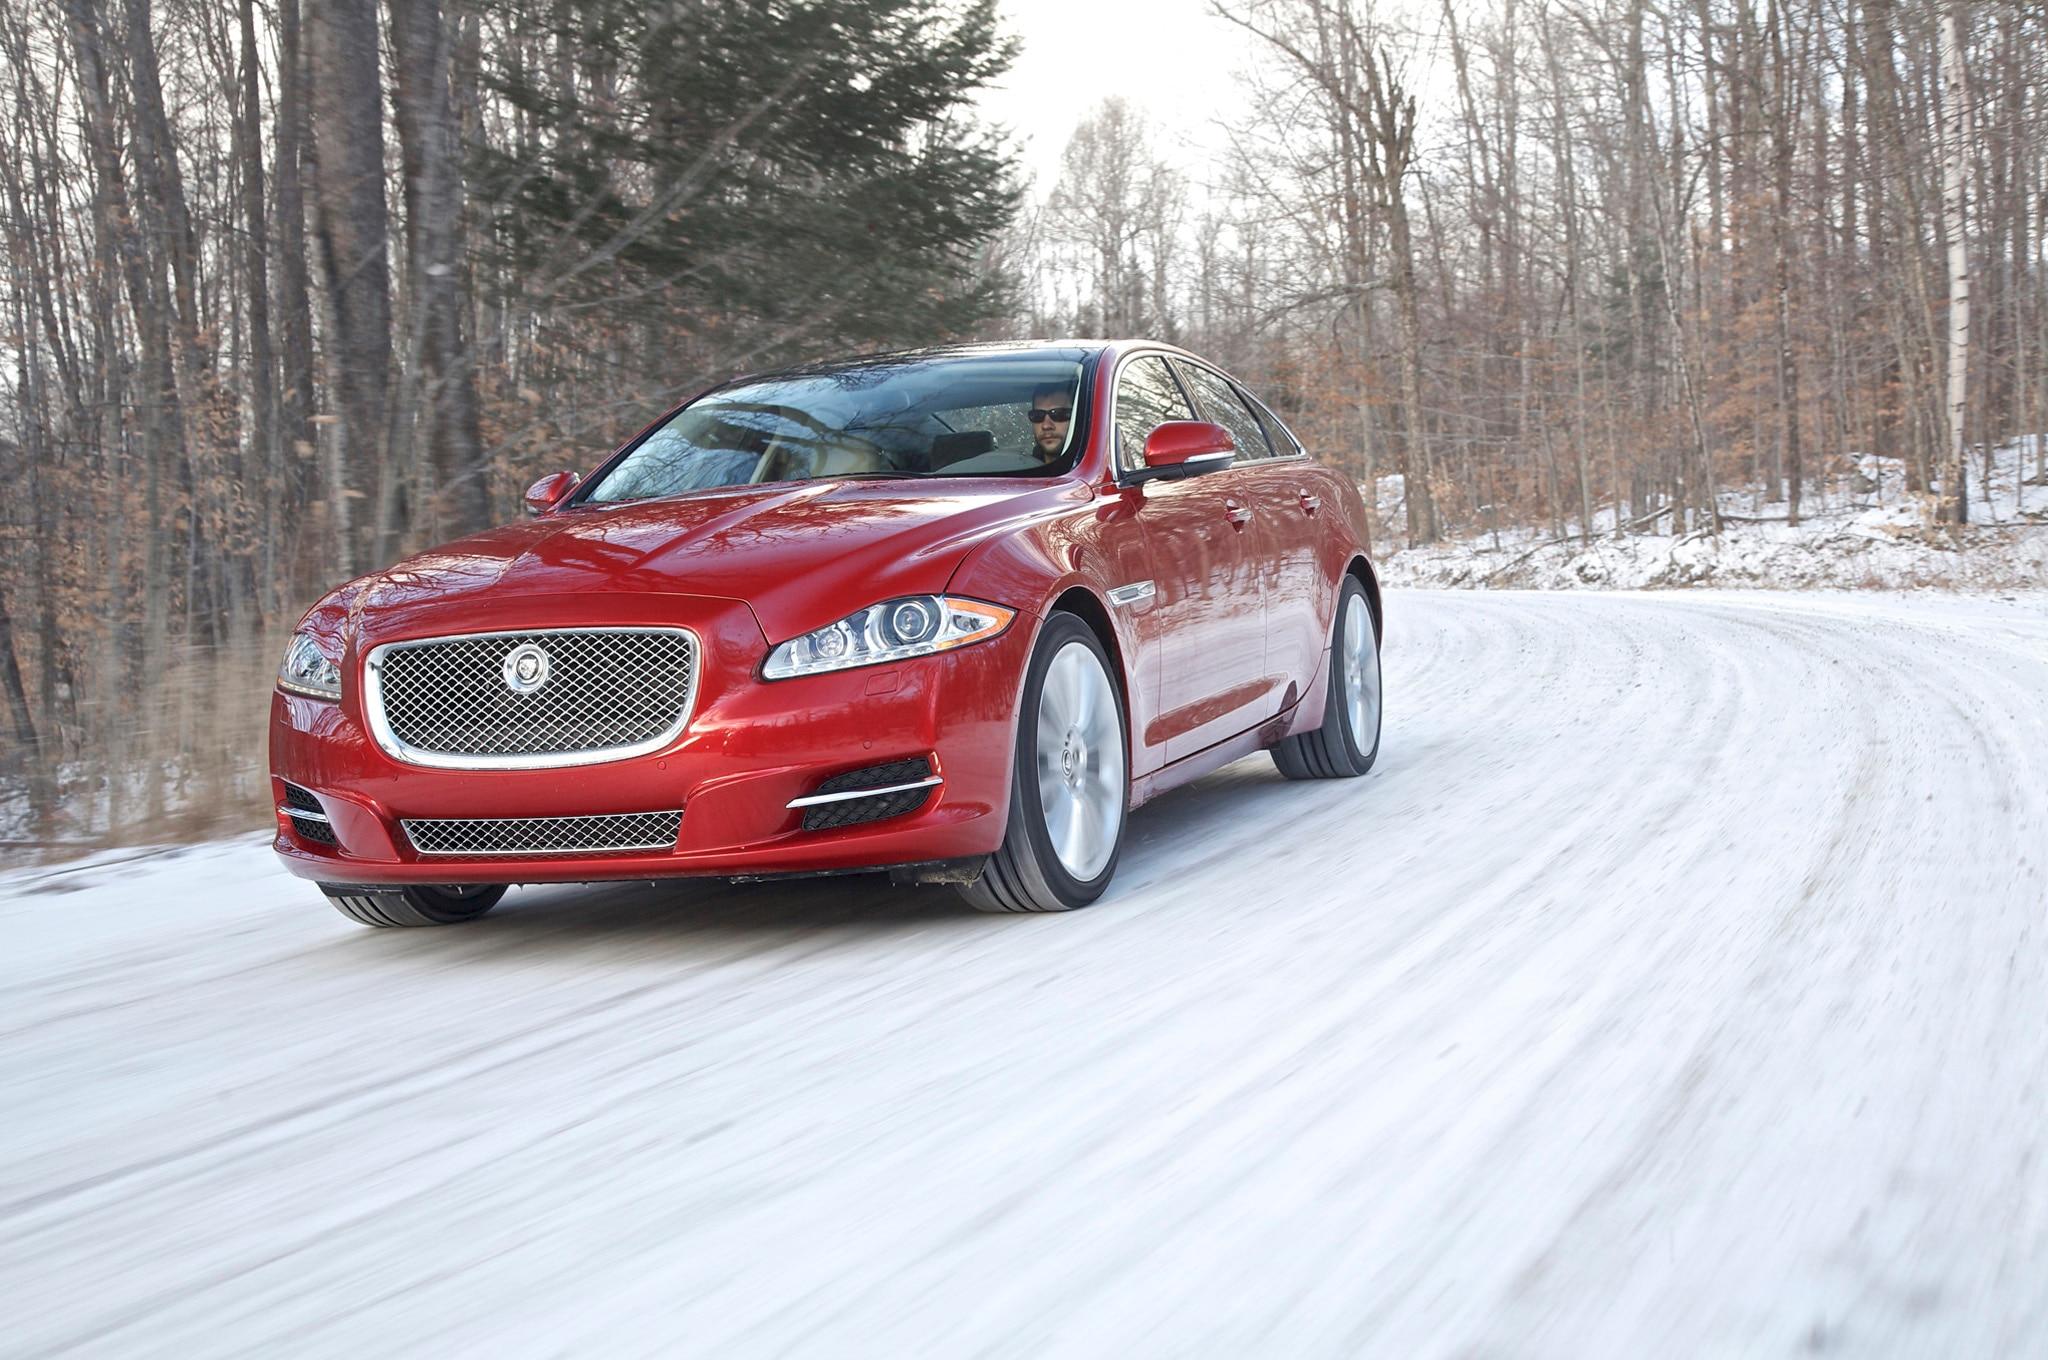 2013 Jaguar Awd Drivetrain Diagram